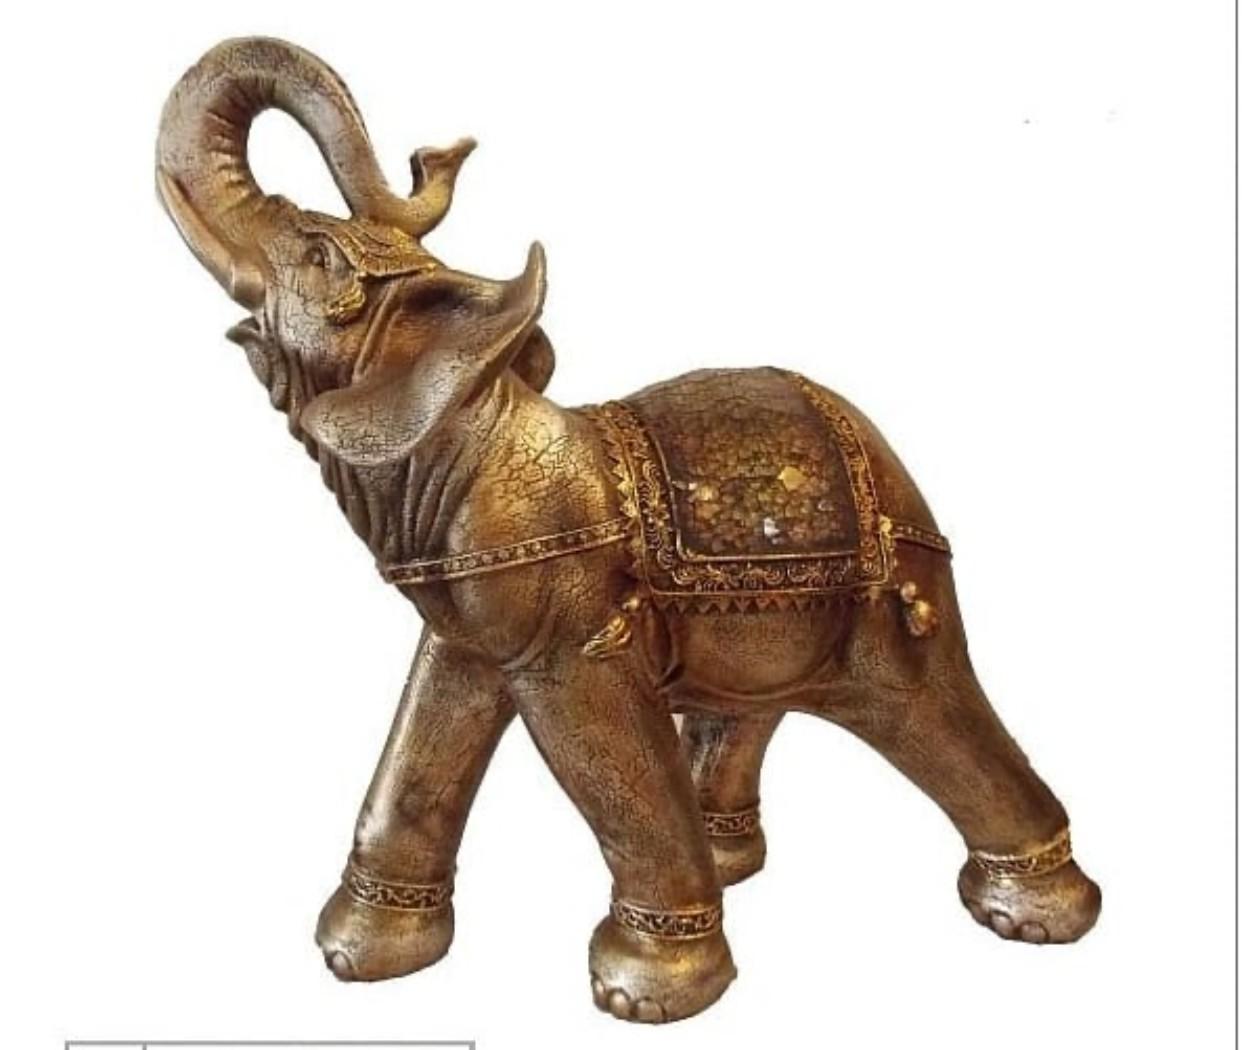 Gold color large elephant sculpture